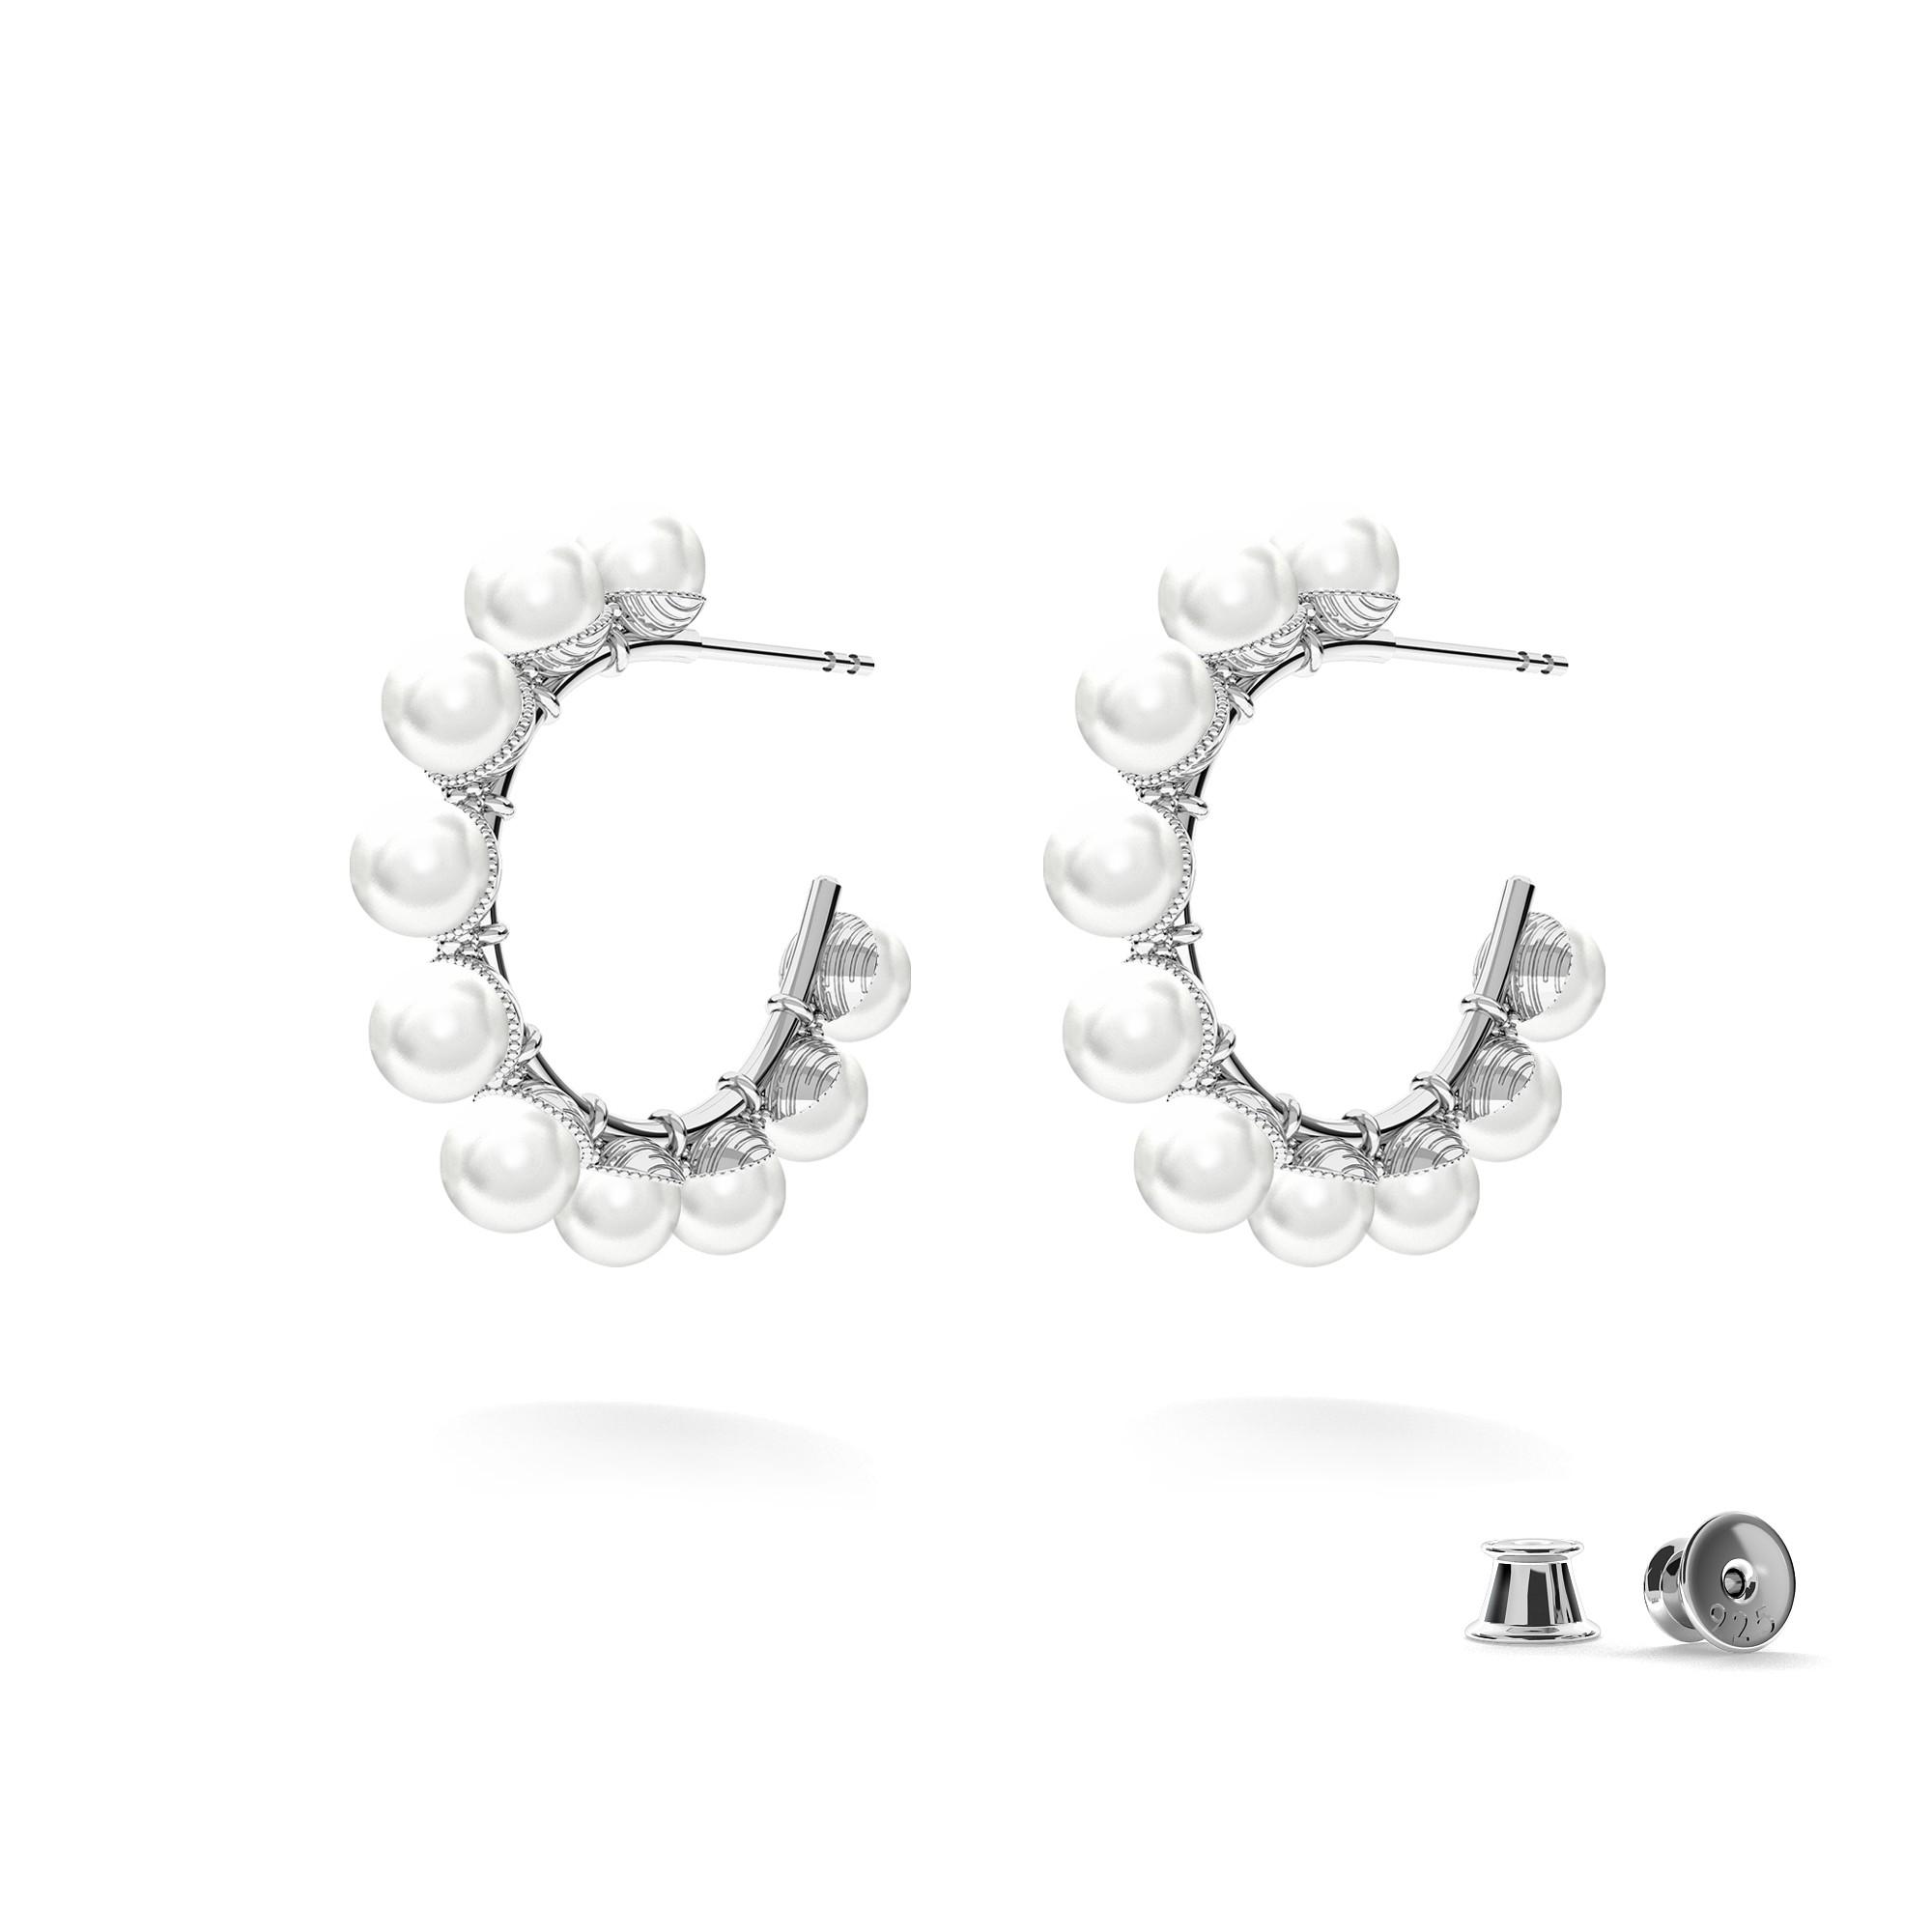 Srebrne kolczyki z perłami, MON DÉFI, srebro 925